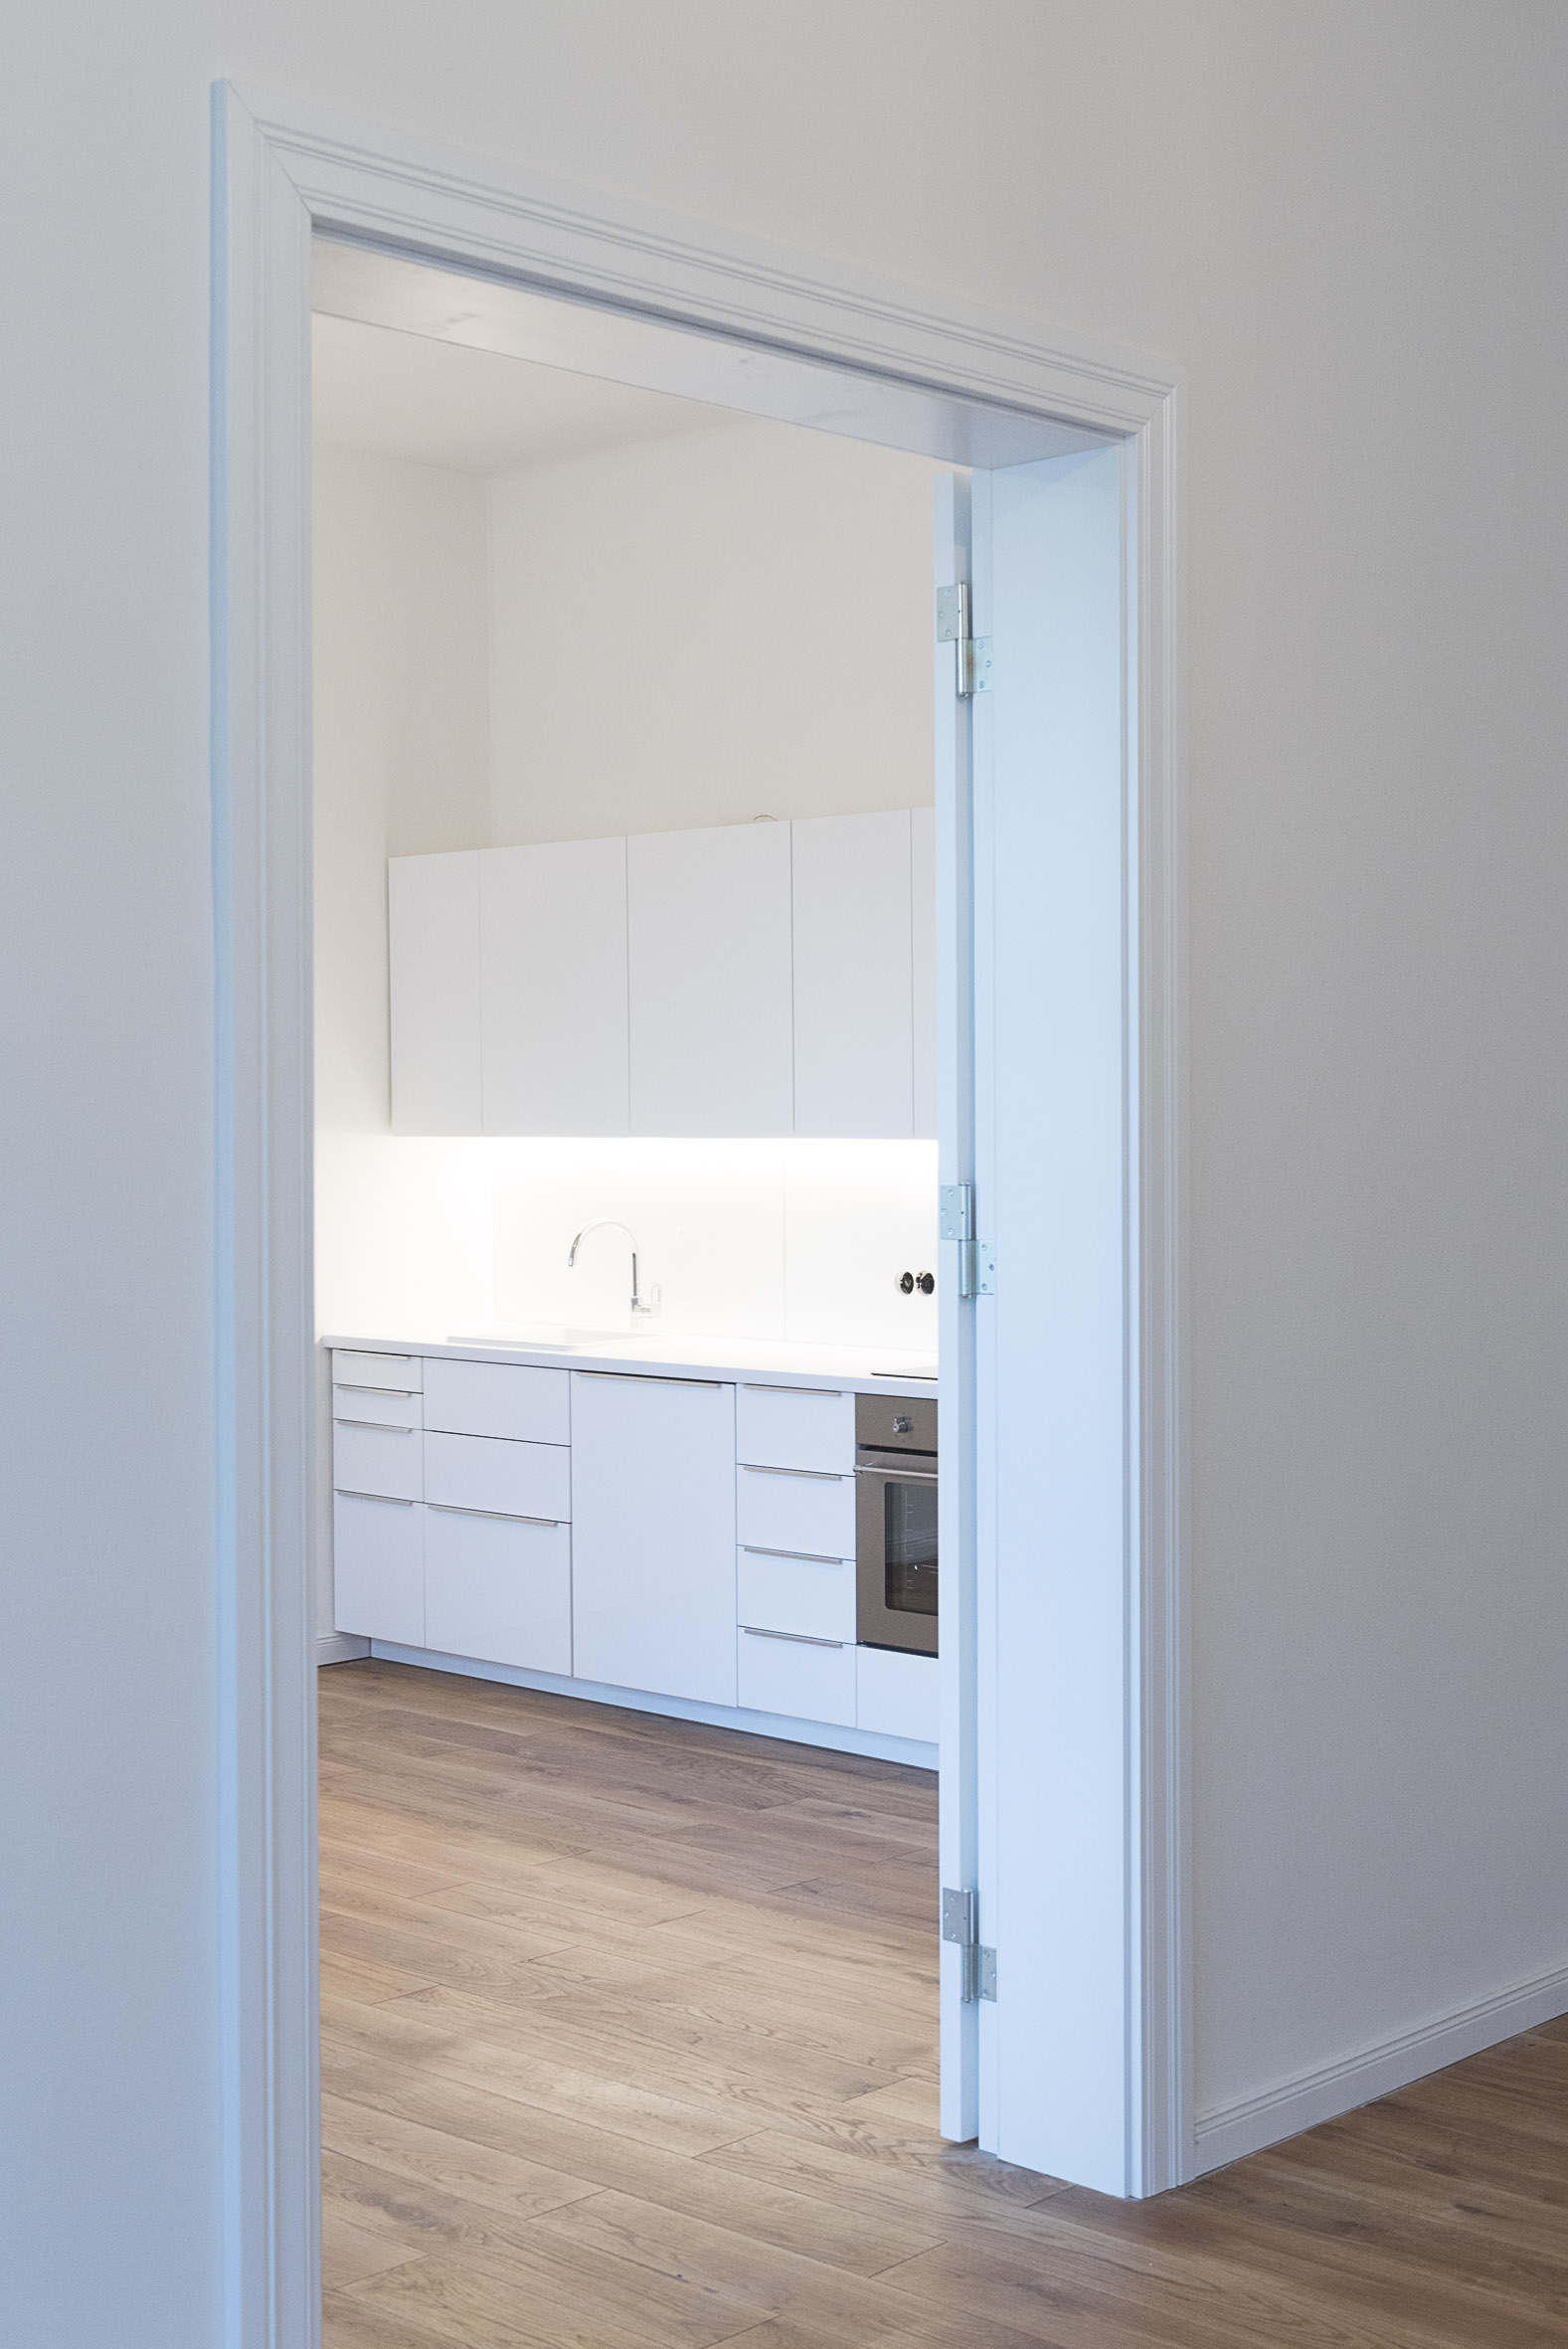 Wohnungsbau Berlin Prenzlauer Berg - SCHÖNBORNSCHMITZ ARCHITEKTEN